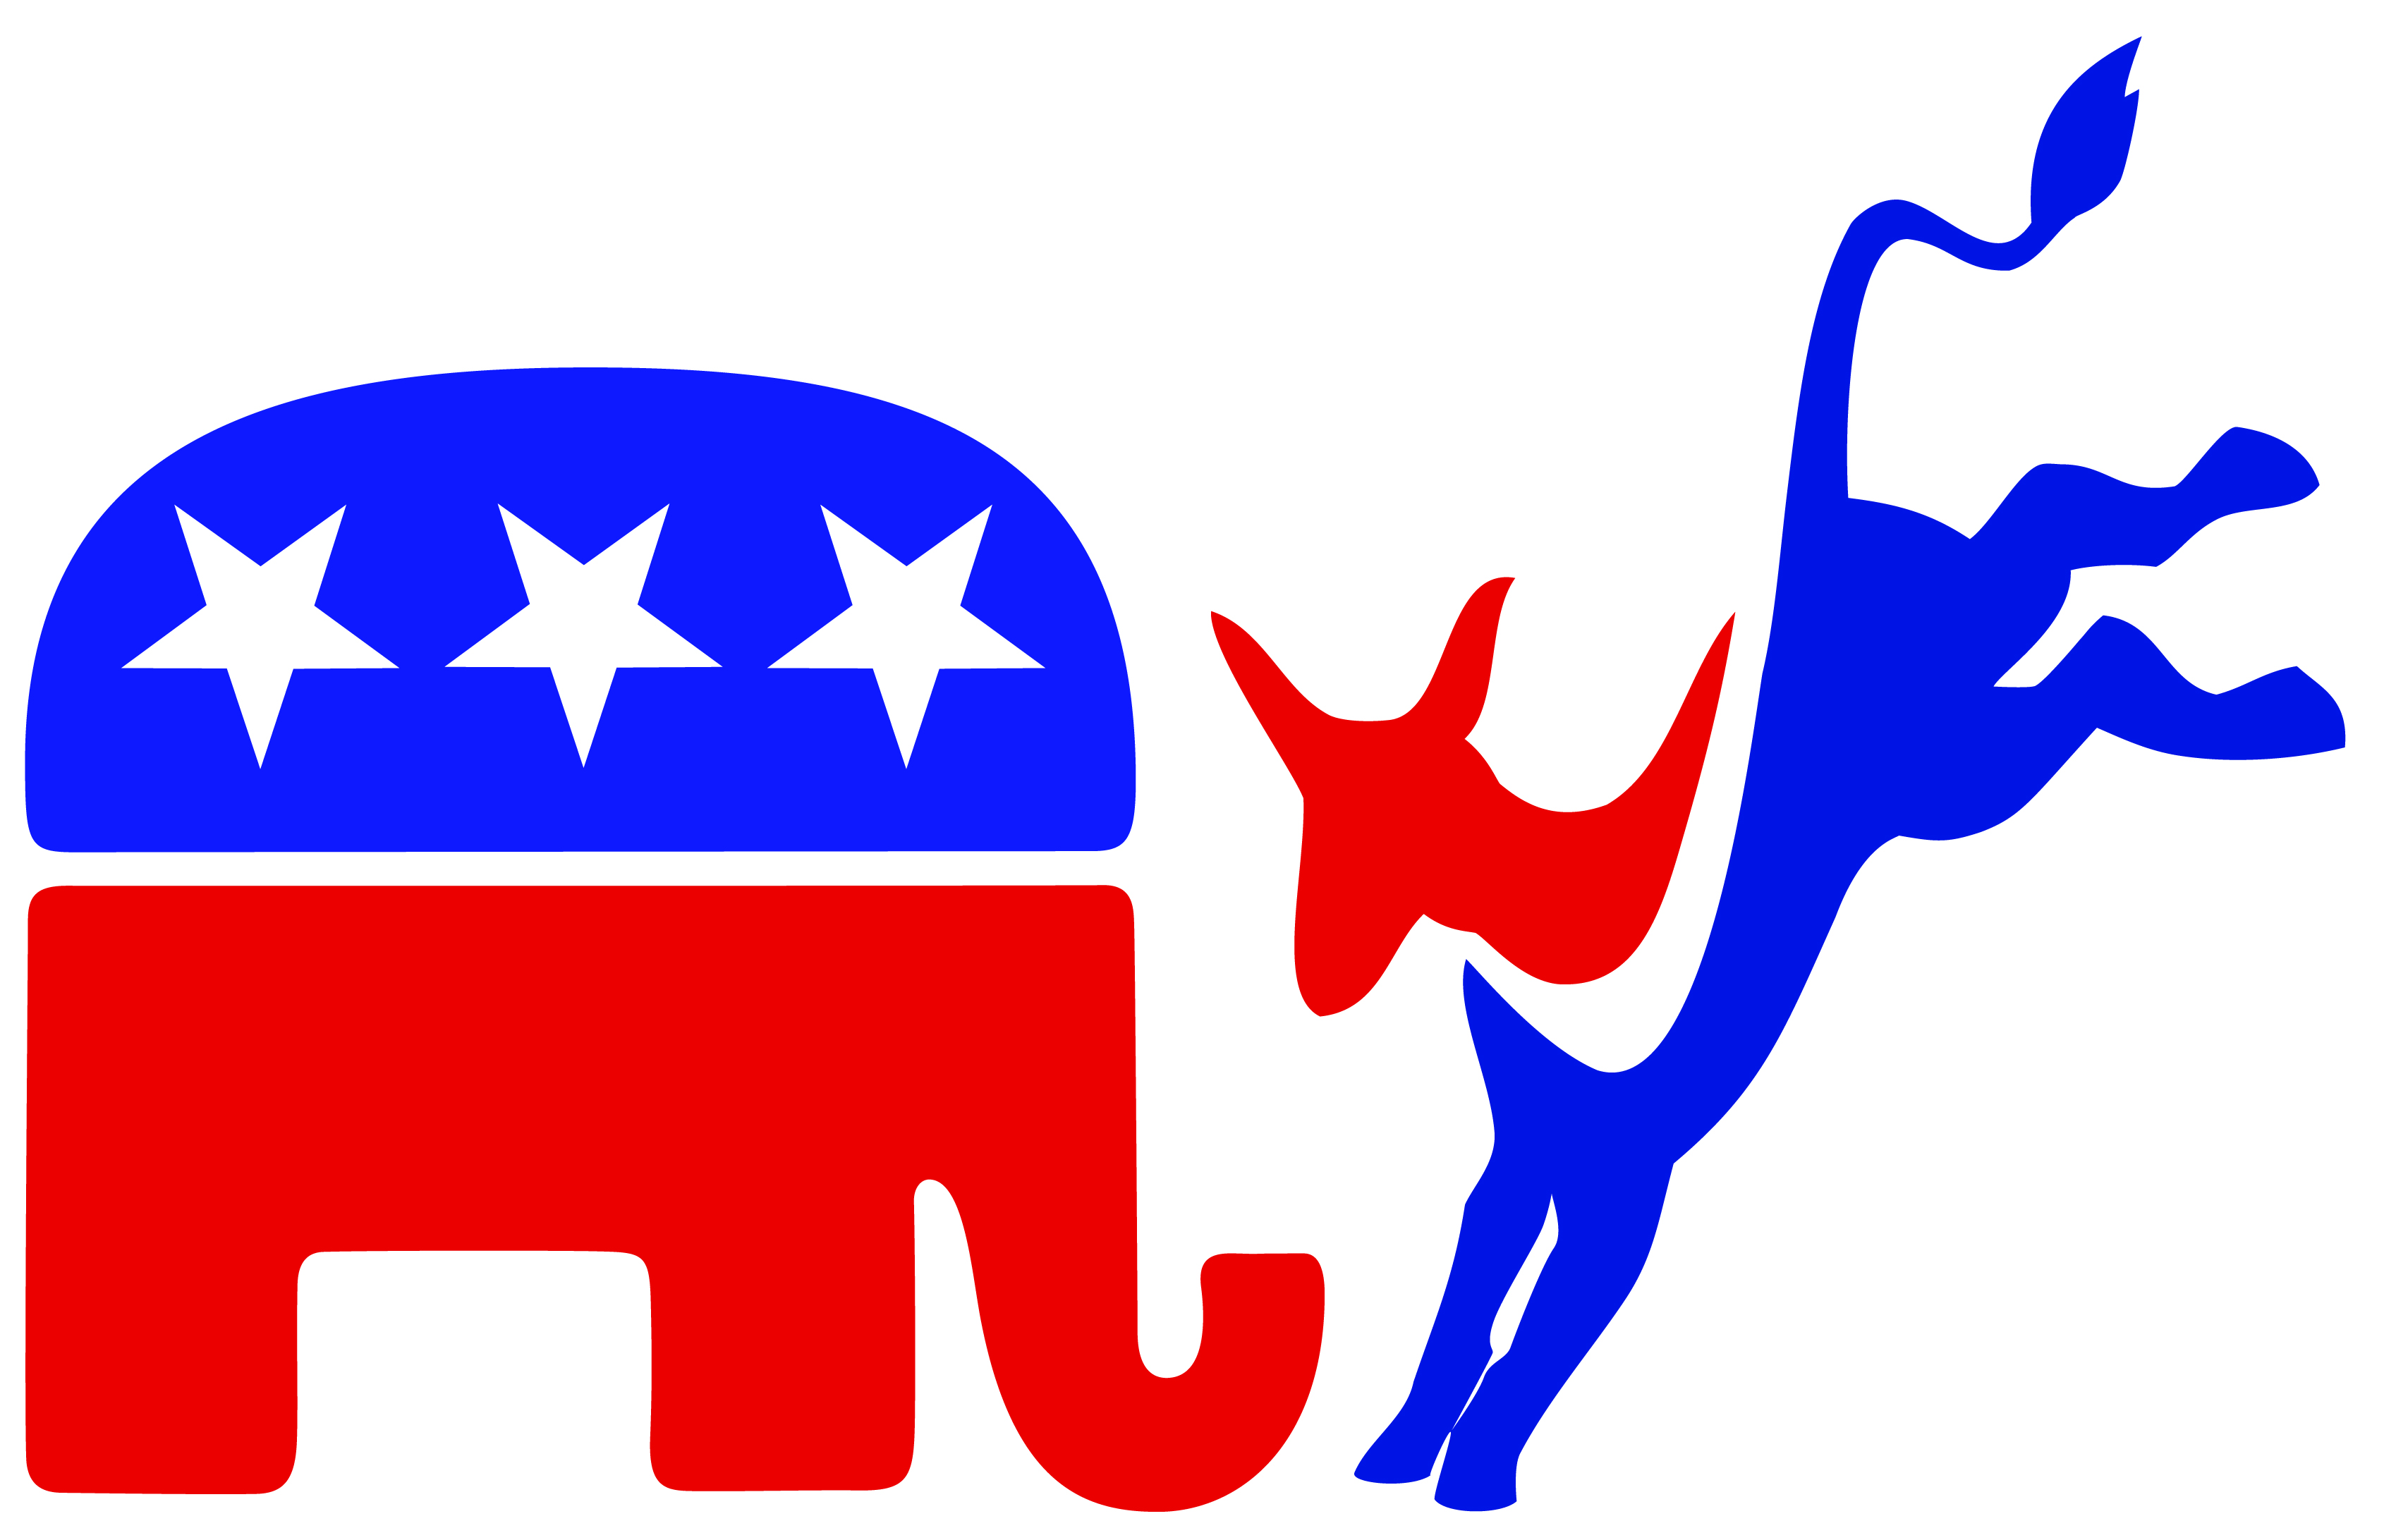 populist get together symbol